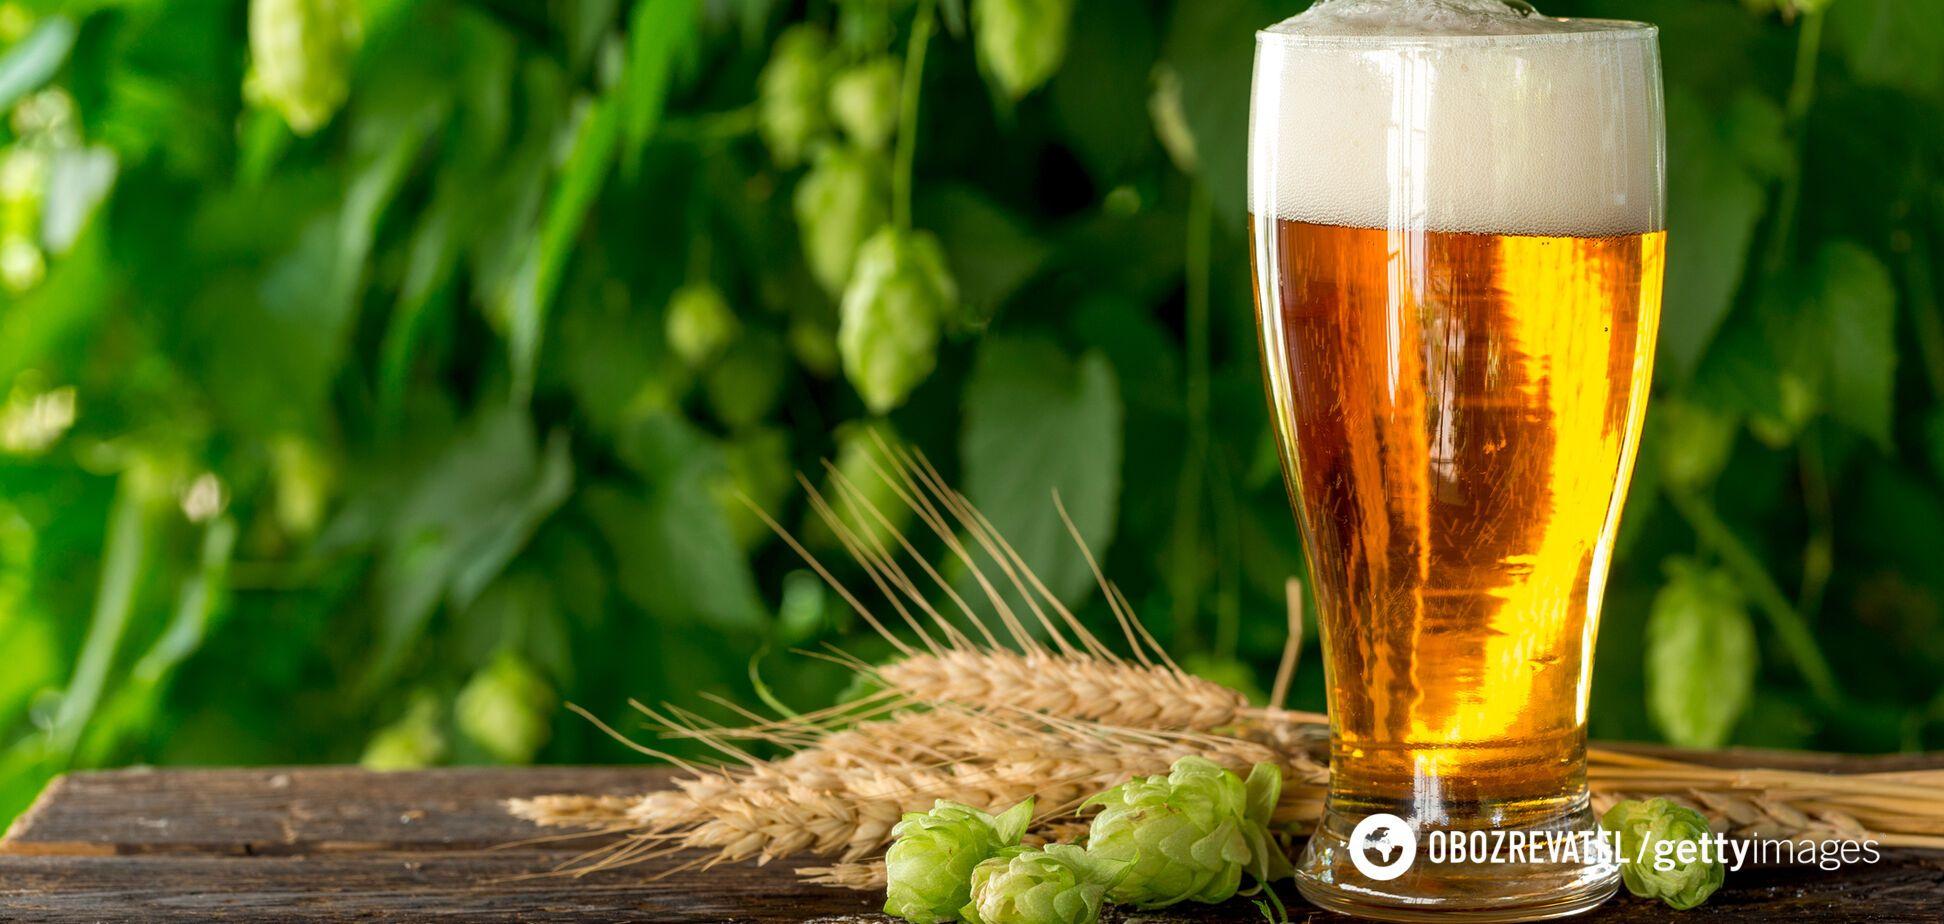 Розкрито користь пива для здоров'я: результати досліджень